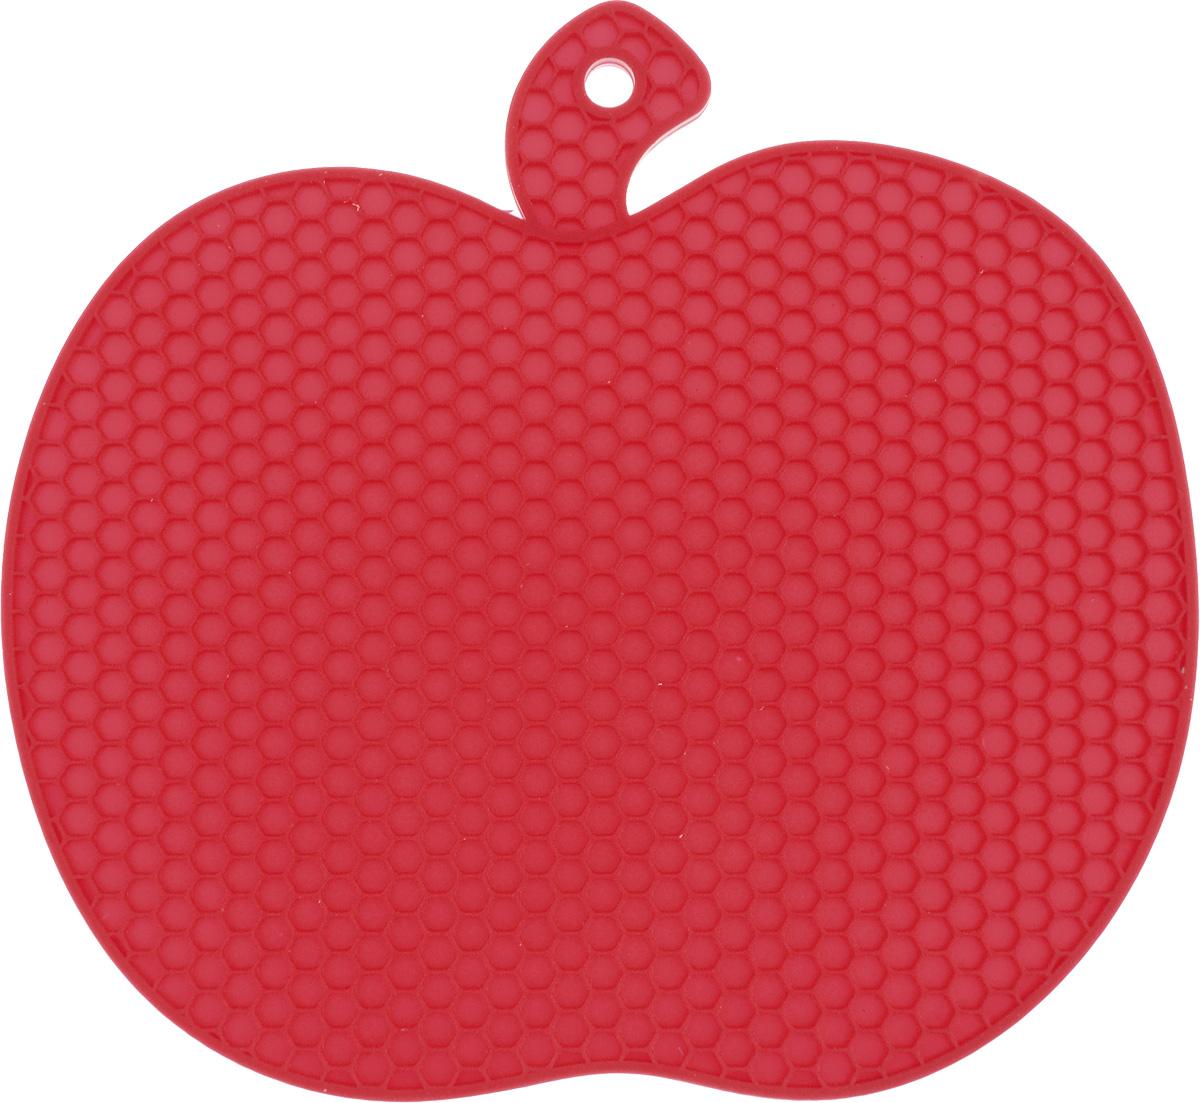 Подставка под горячее Marmiton Яблоко, силиконовая, цвет: красный, 19 х 18 см12134Подставка под горячее Marmiton Яблоко изготовлена из силикона, что позволяет ей выдерживать высокие температуры и не царапать поверхность стола. Силикон устойчив к фруктовым кислотам, обладает естественным антипригарным свойством.Такая подставка придется по вкусу человеку, ценящему практичные и оригинальные вещи. Можно мыть в посудомоечной машине.